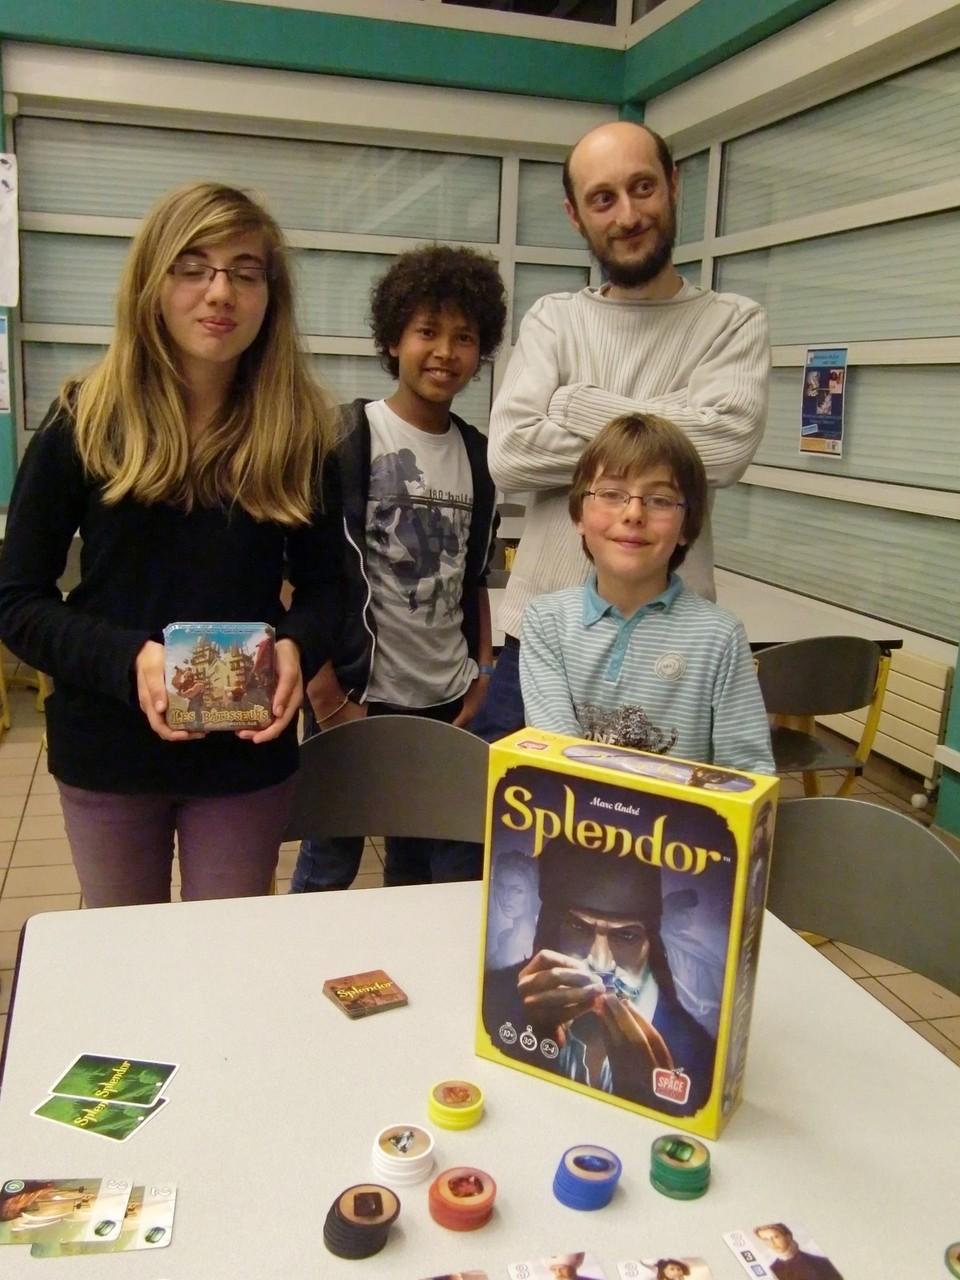 la gagnante du tournoi, Sarah, et les trois autres finalistes